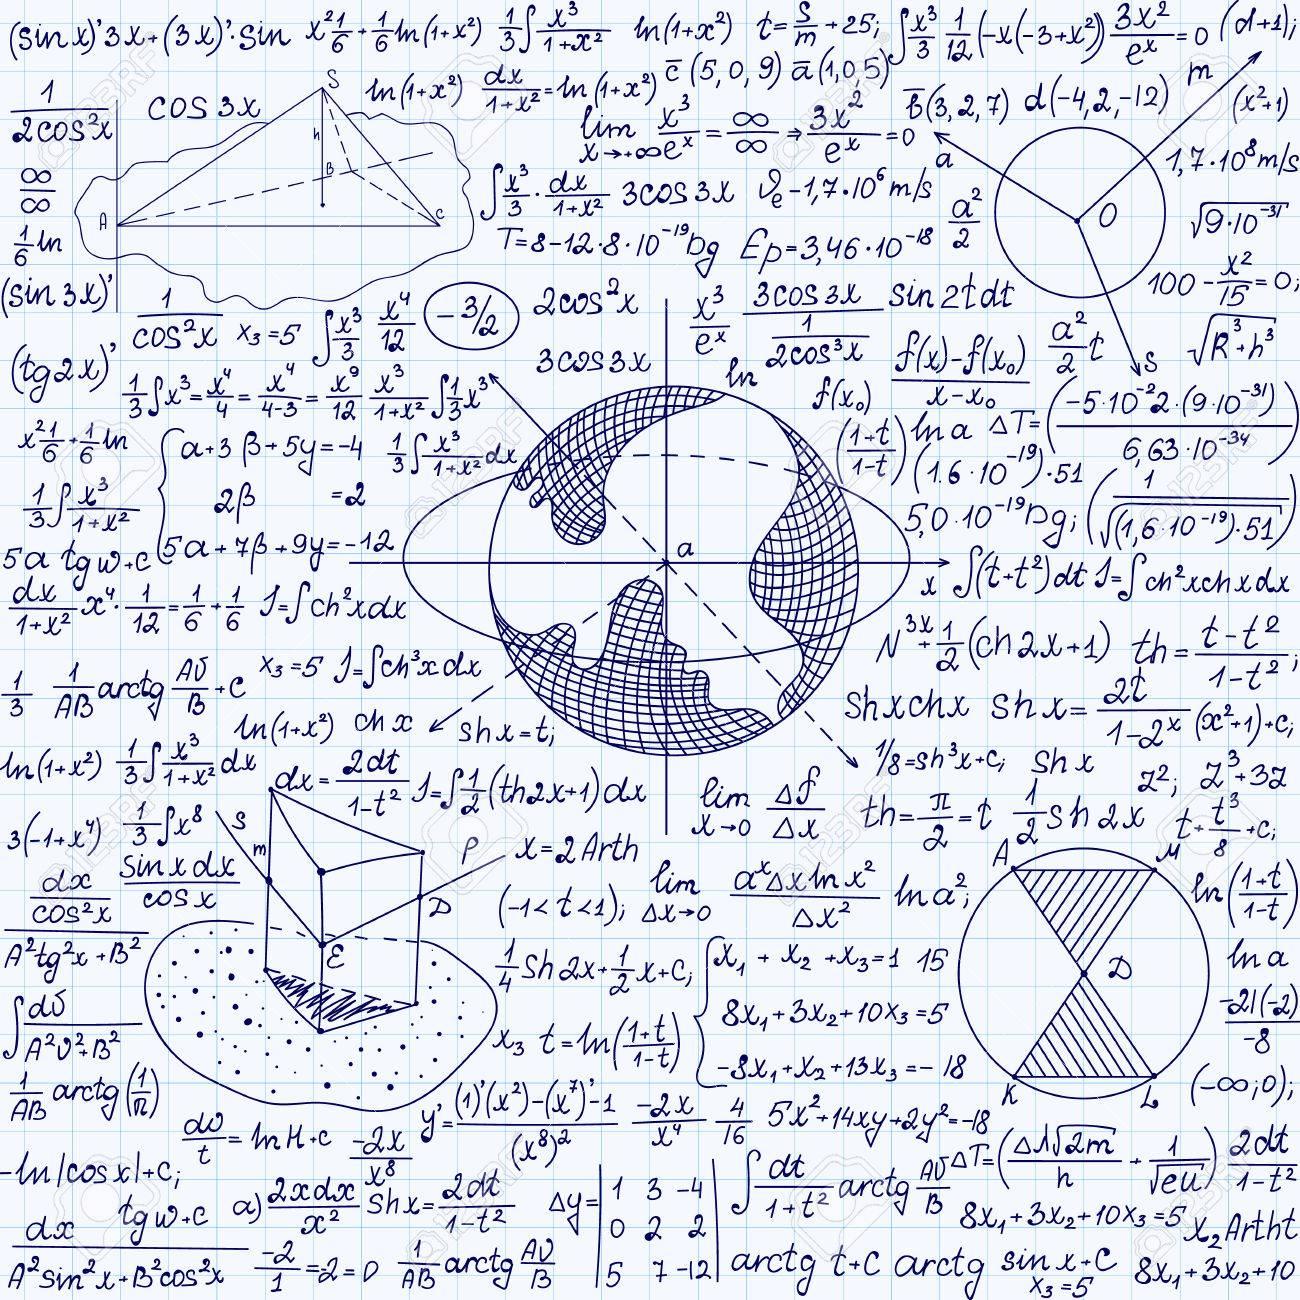 Bonito Matemáticas Hojas De Cálculo Con LMC Patrón - hojas de ...